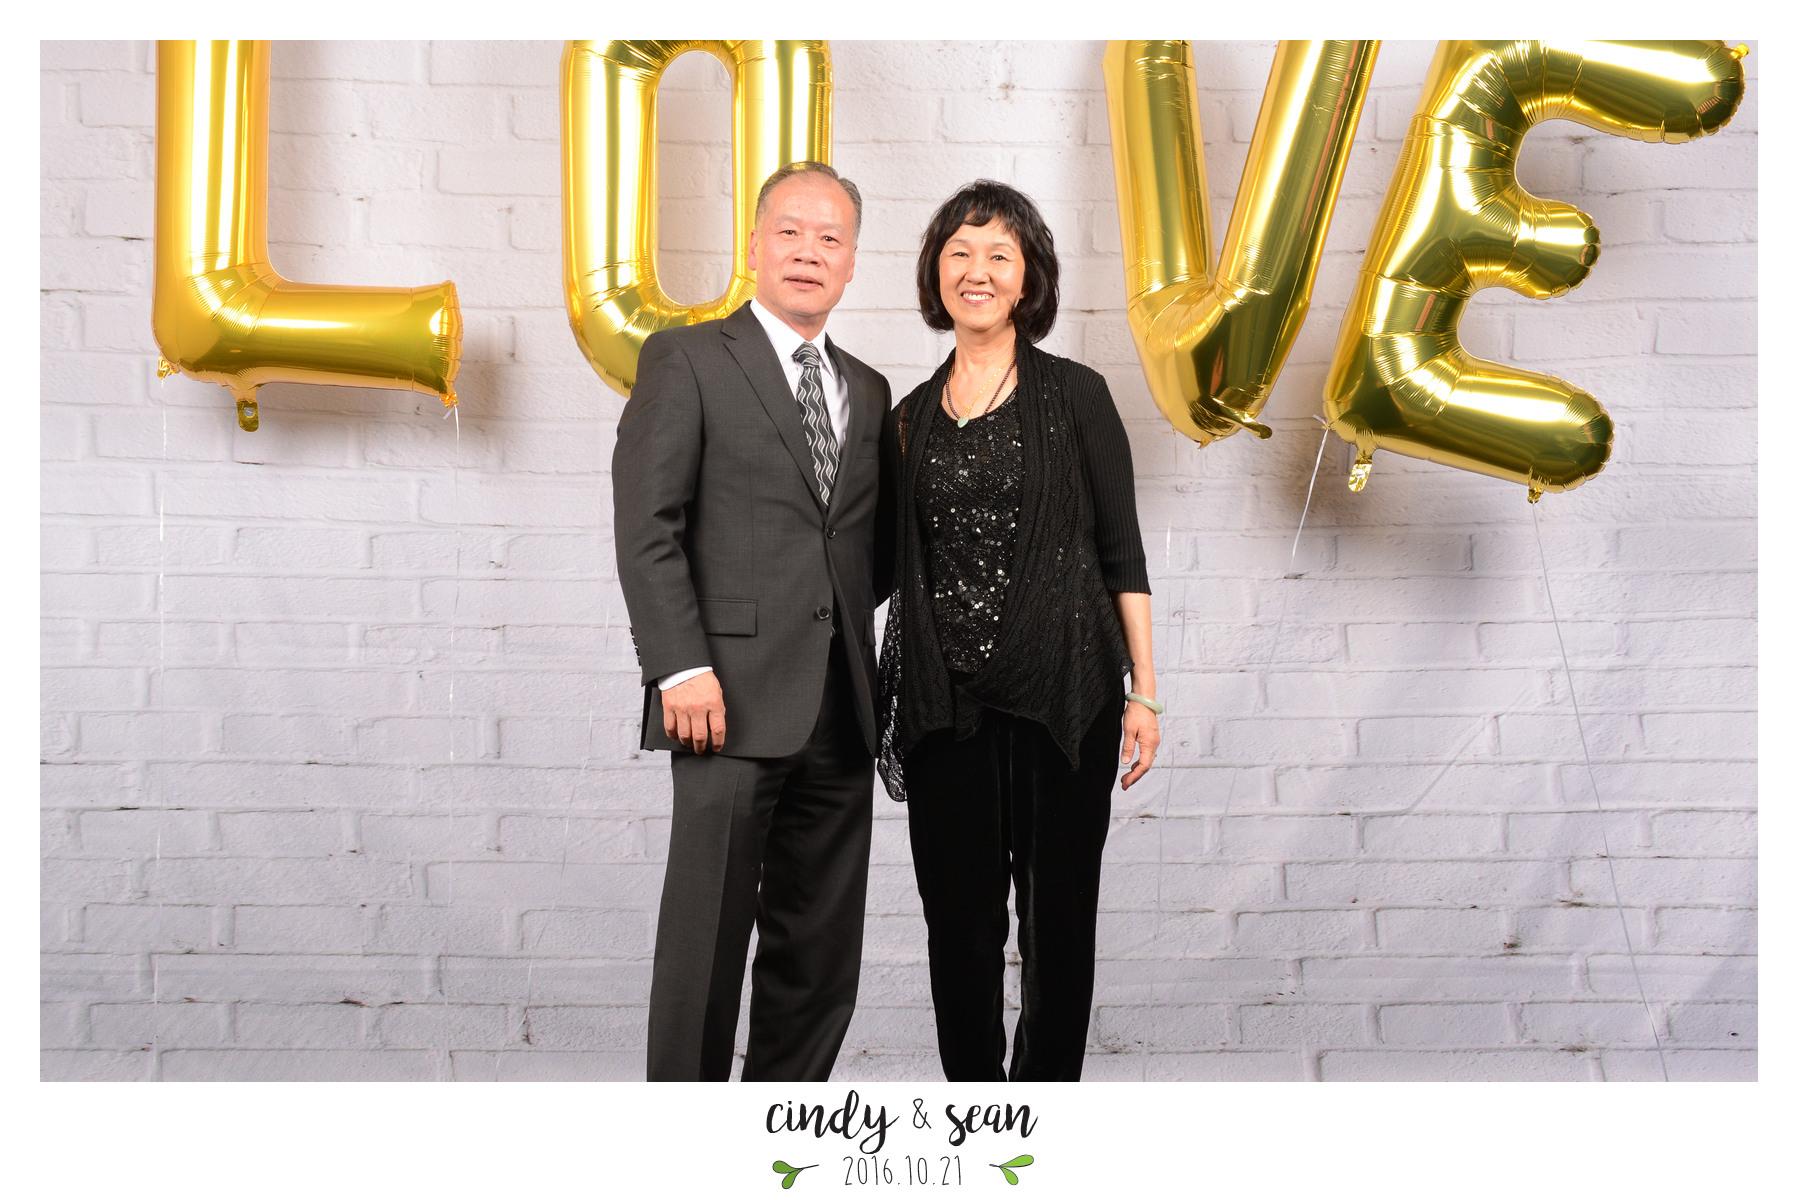 Cindy Sean Bae - 0001-8.jpg